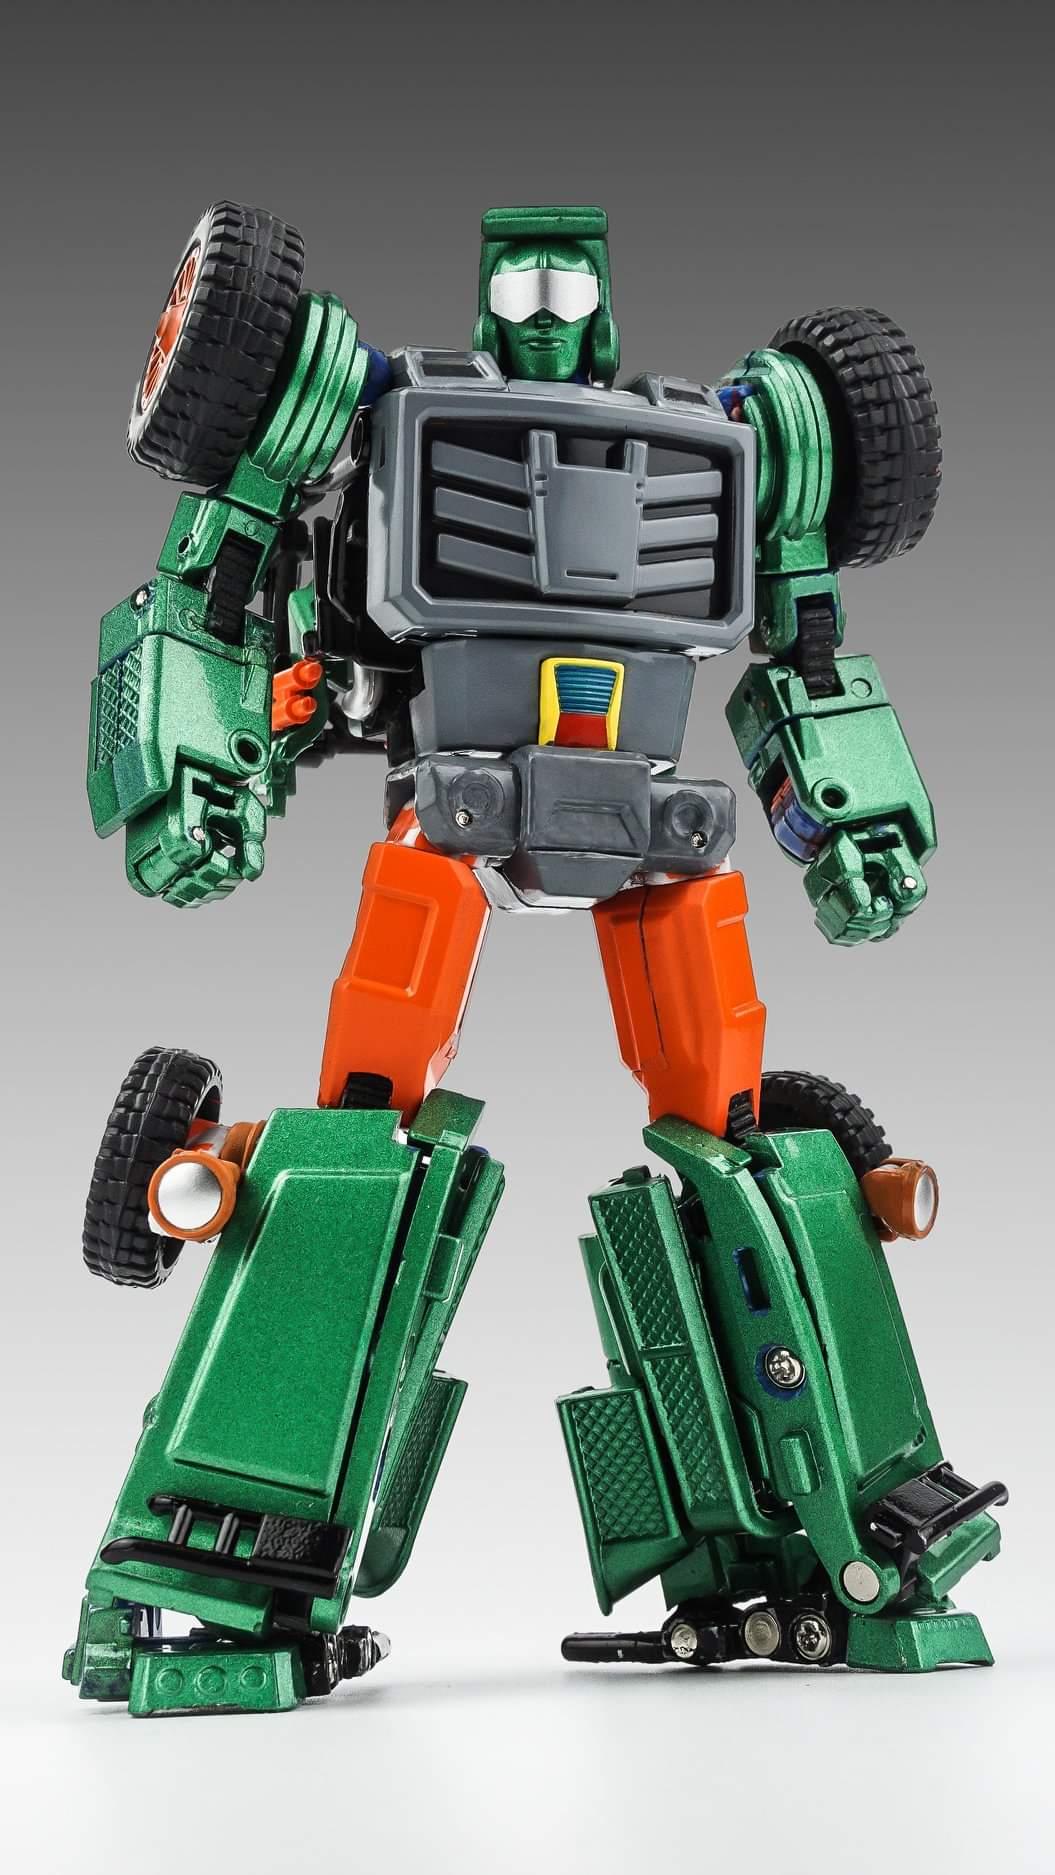 [X-Transbots] Produit Tiers - Minibots MP - Gamme MM - Page 12 KUPpCUoT_o